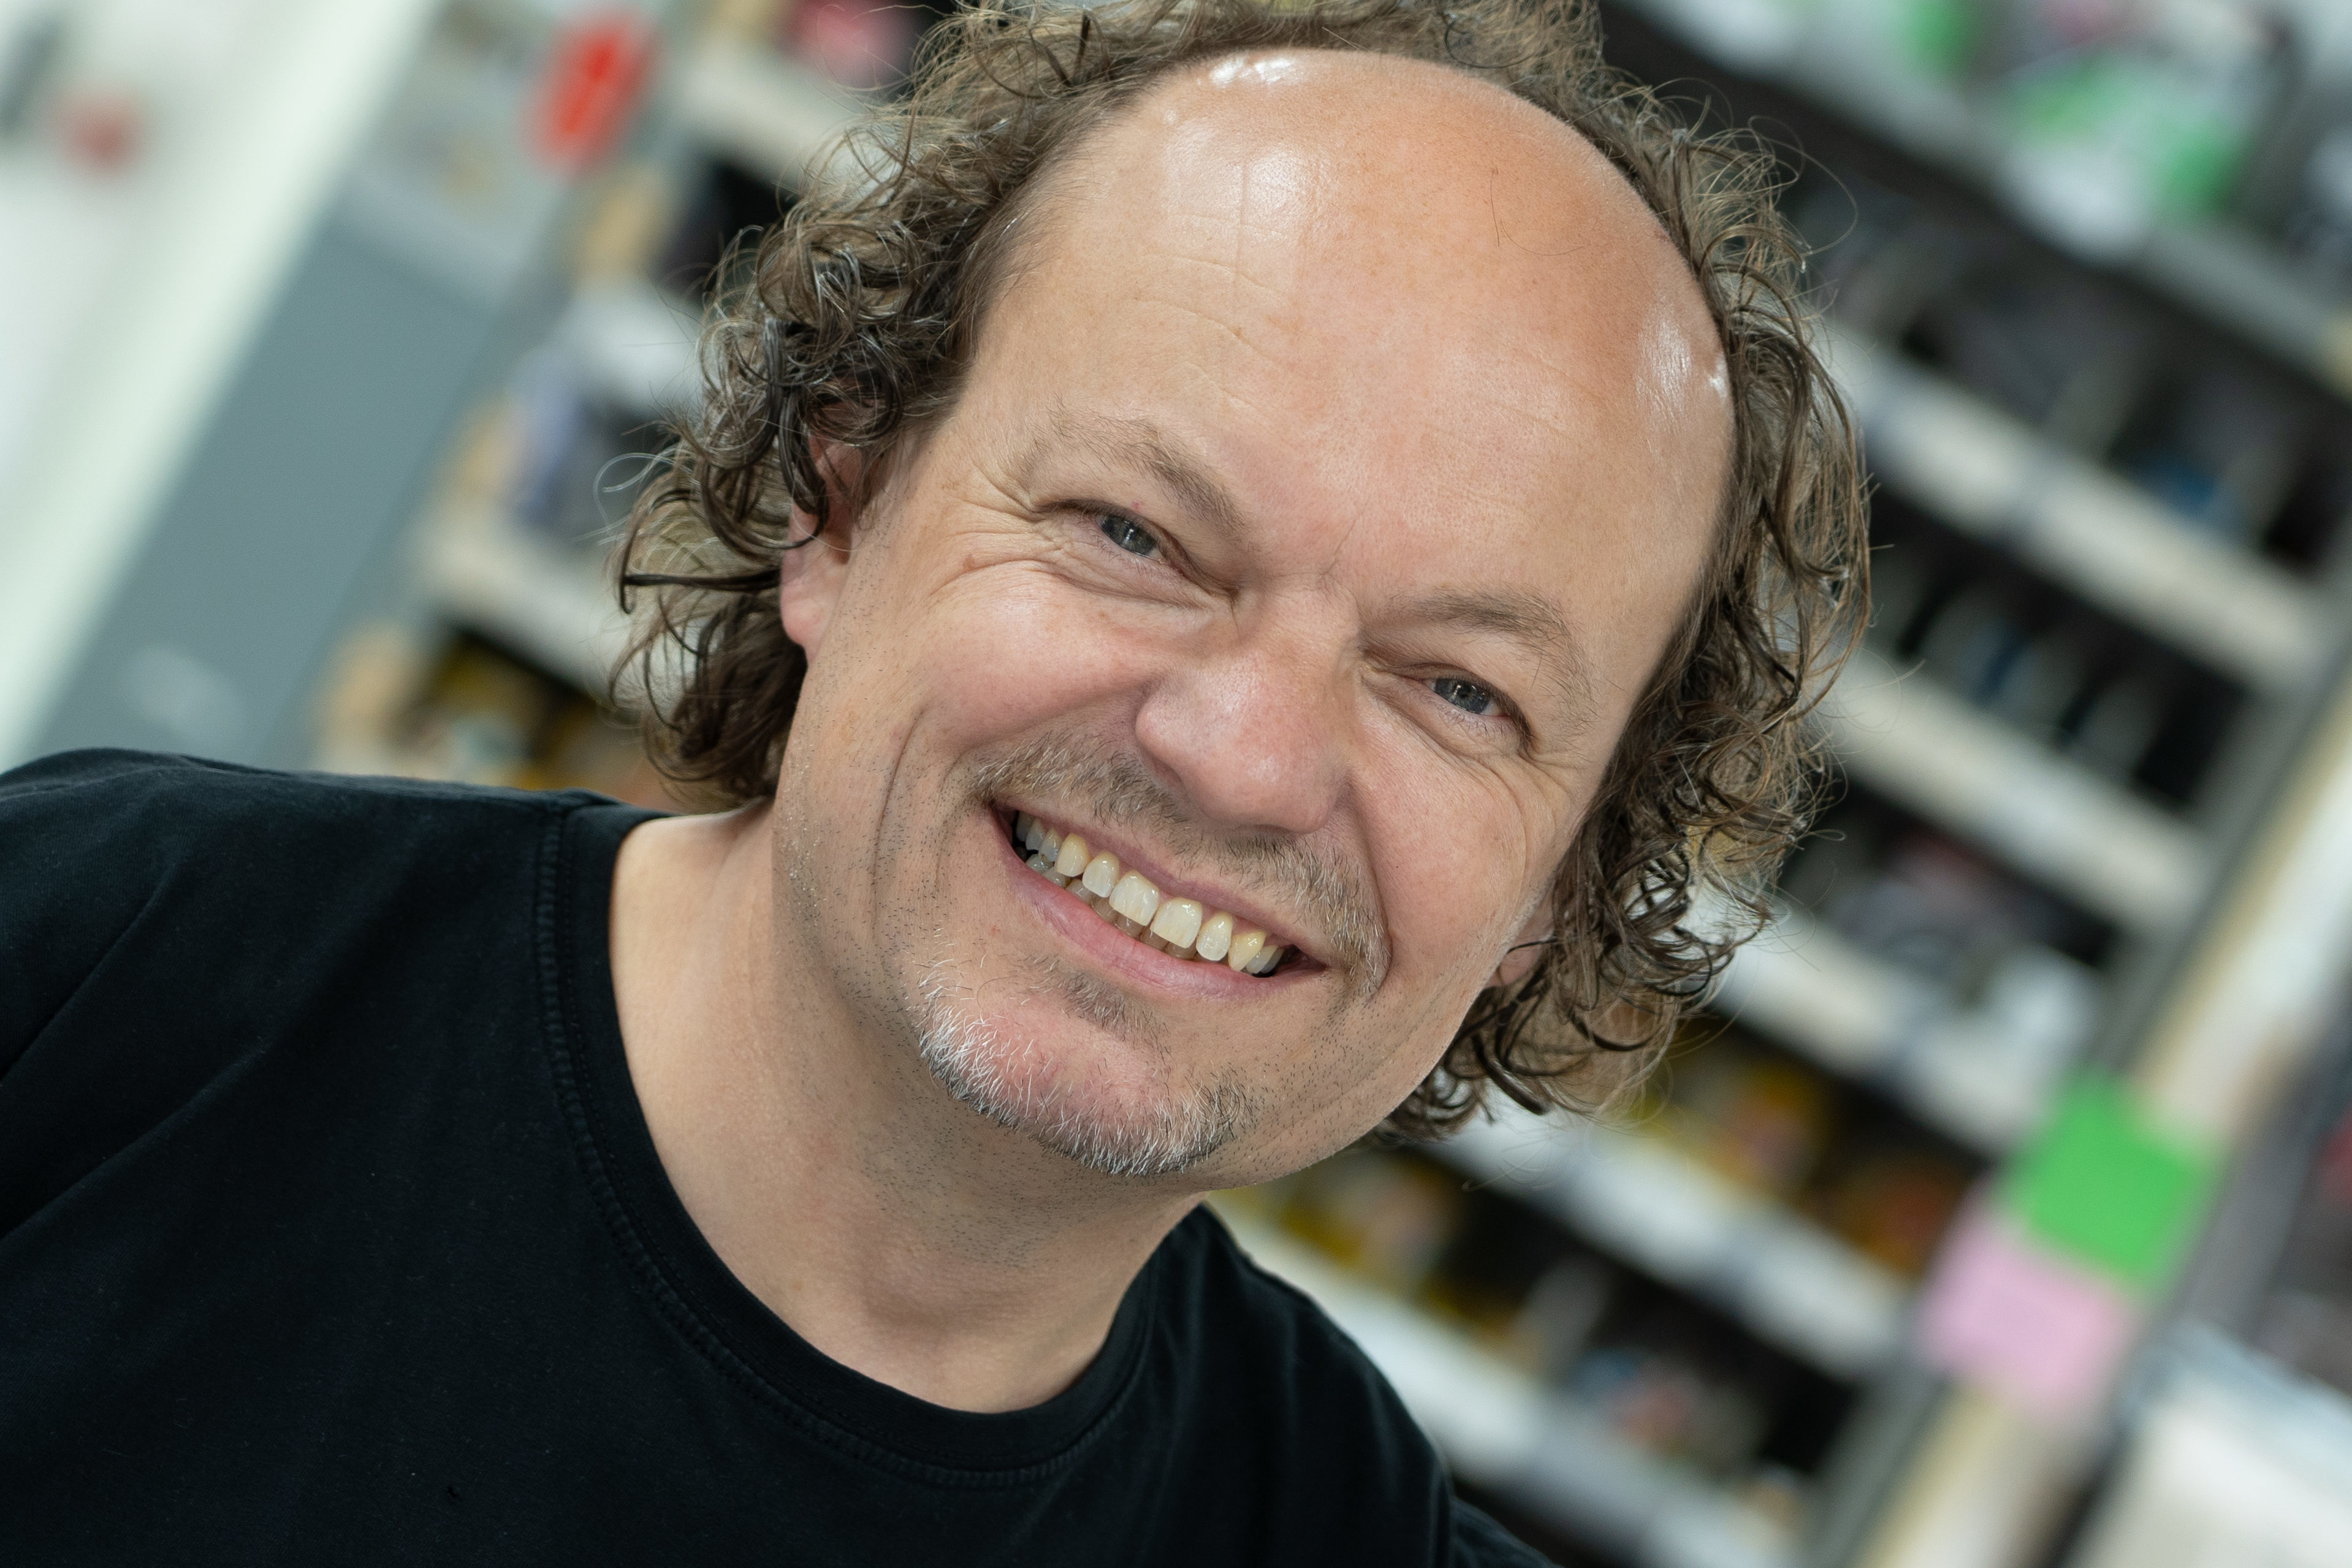 Wim van Dalfsen: 'Vol gas in een stapel fietsen' | MET VIDEO - Tweewieler